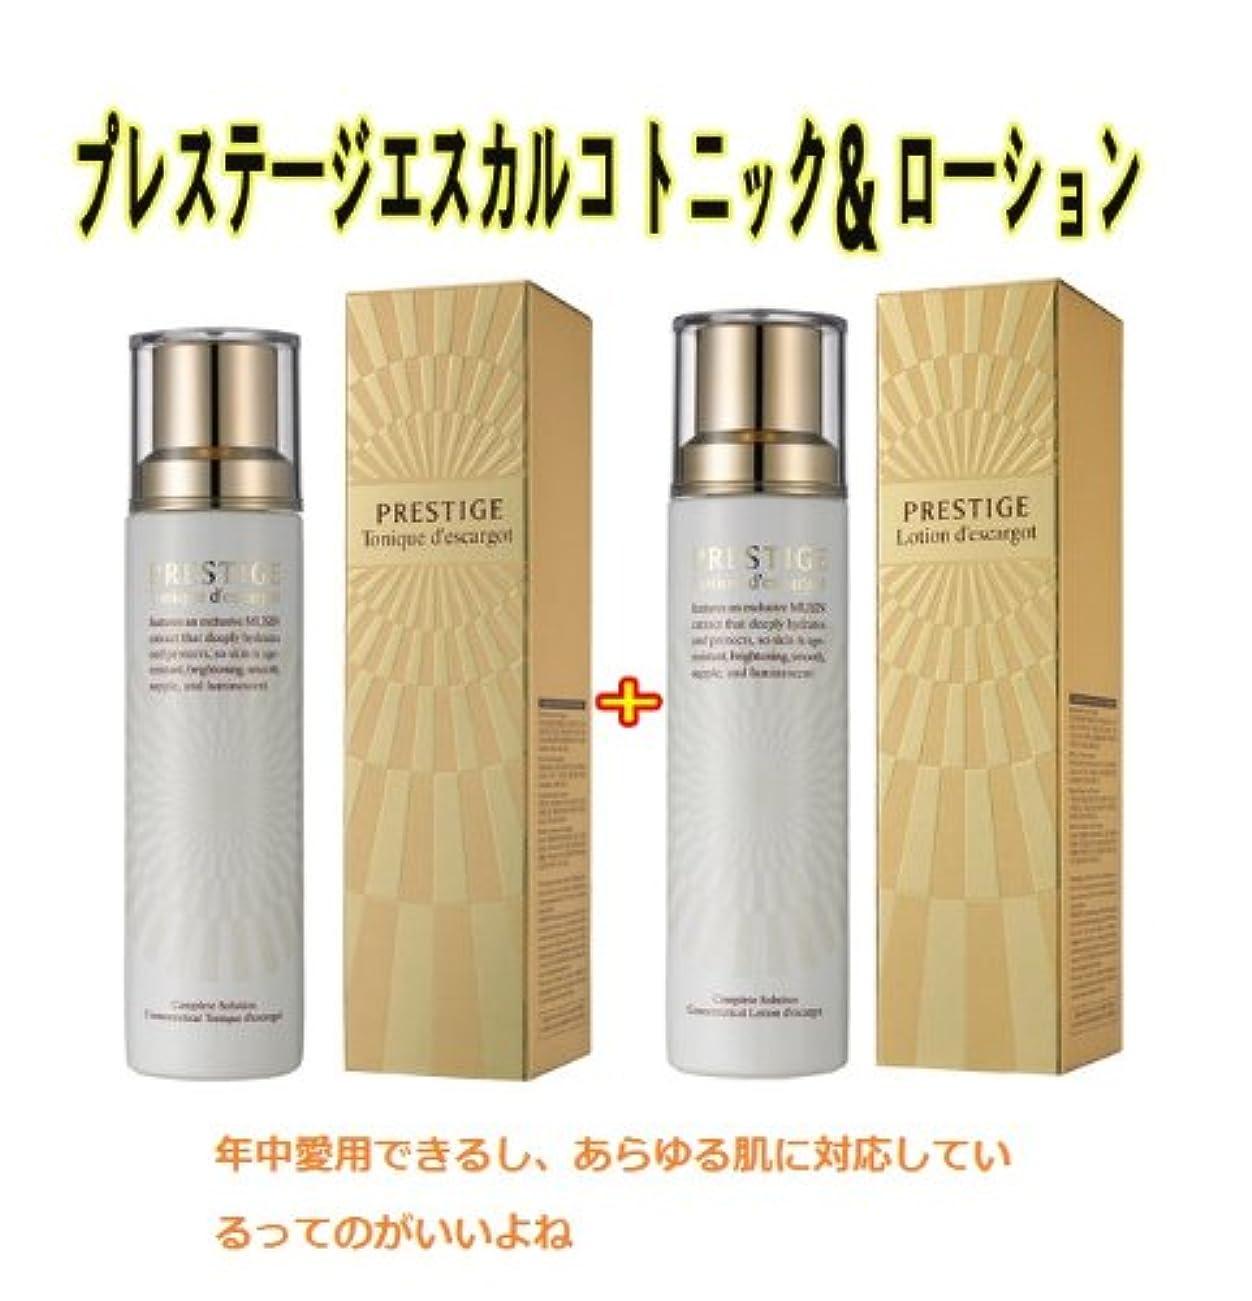 膨らませる報酬簡略化するIts skin PRESTIGE skin/lotion I 1+1 2種set(プレステージ エスカルコ ローション + トニック 1 (あらゆる肌用) 2種セット